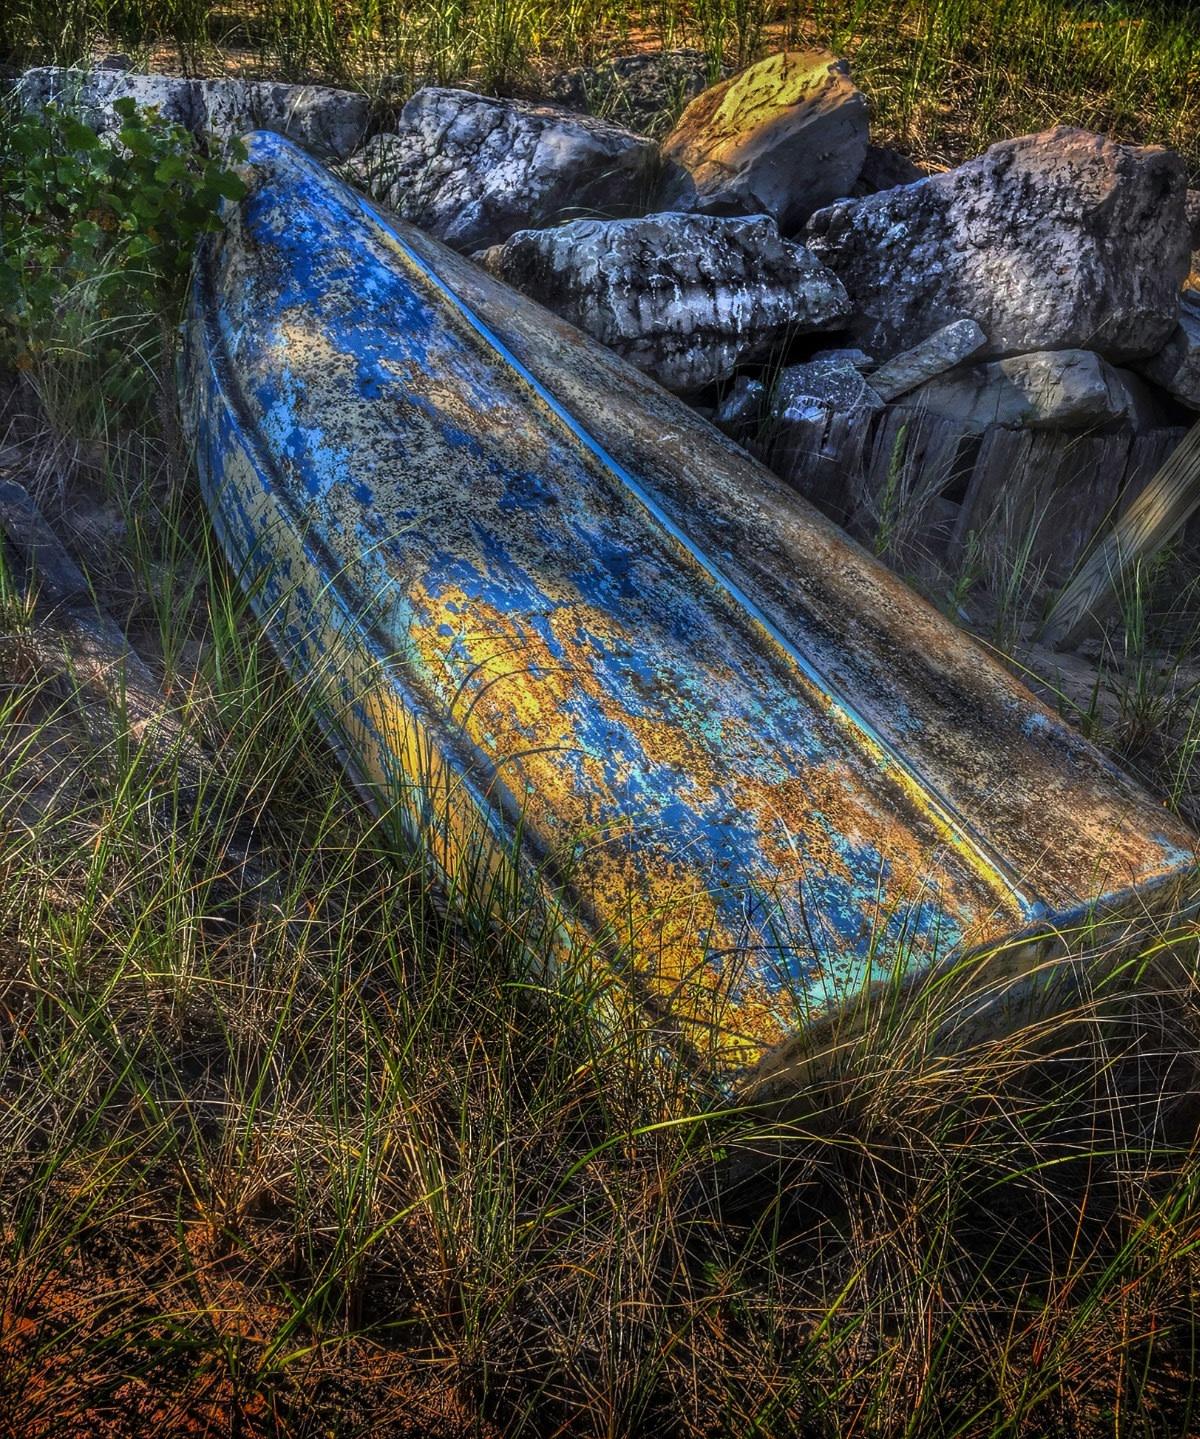 Rough Rowboat